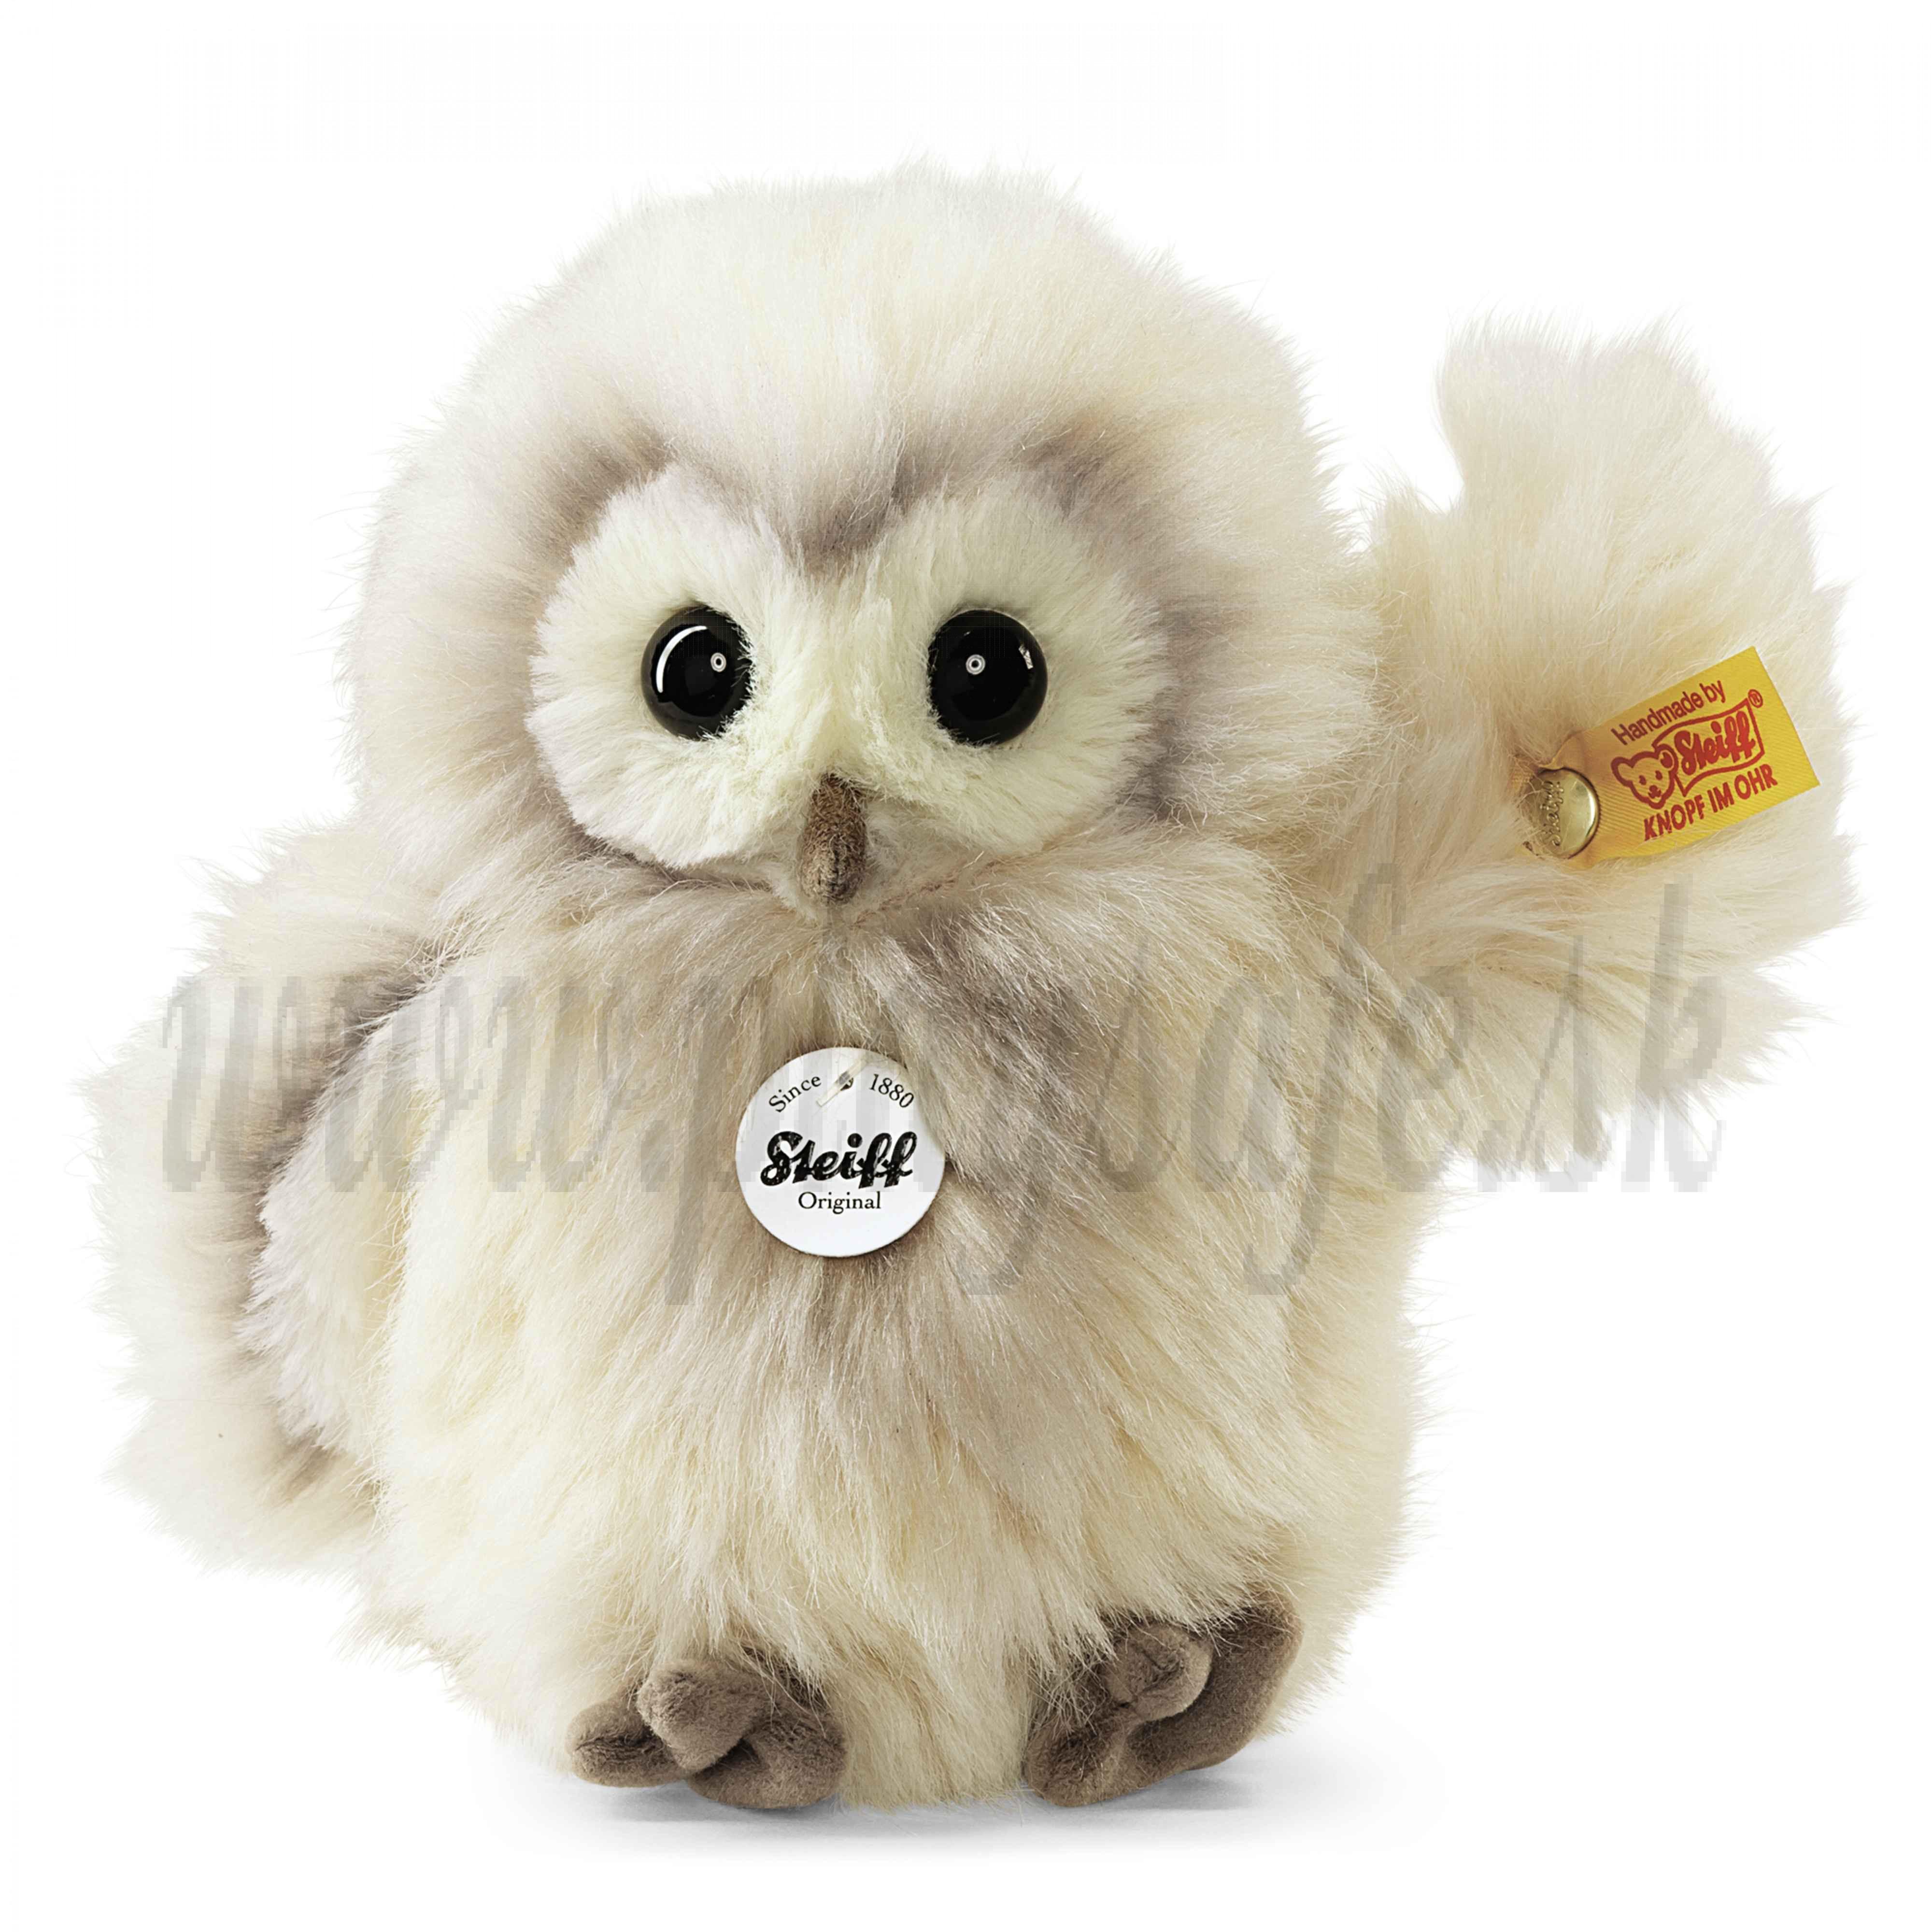 Steiff Soft toy Owl Wittie, 14cm